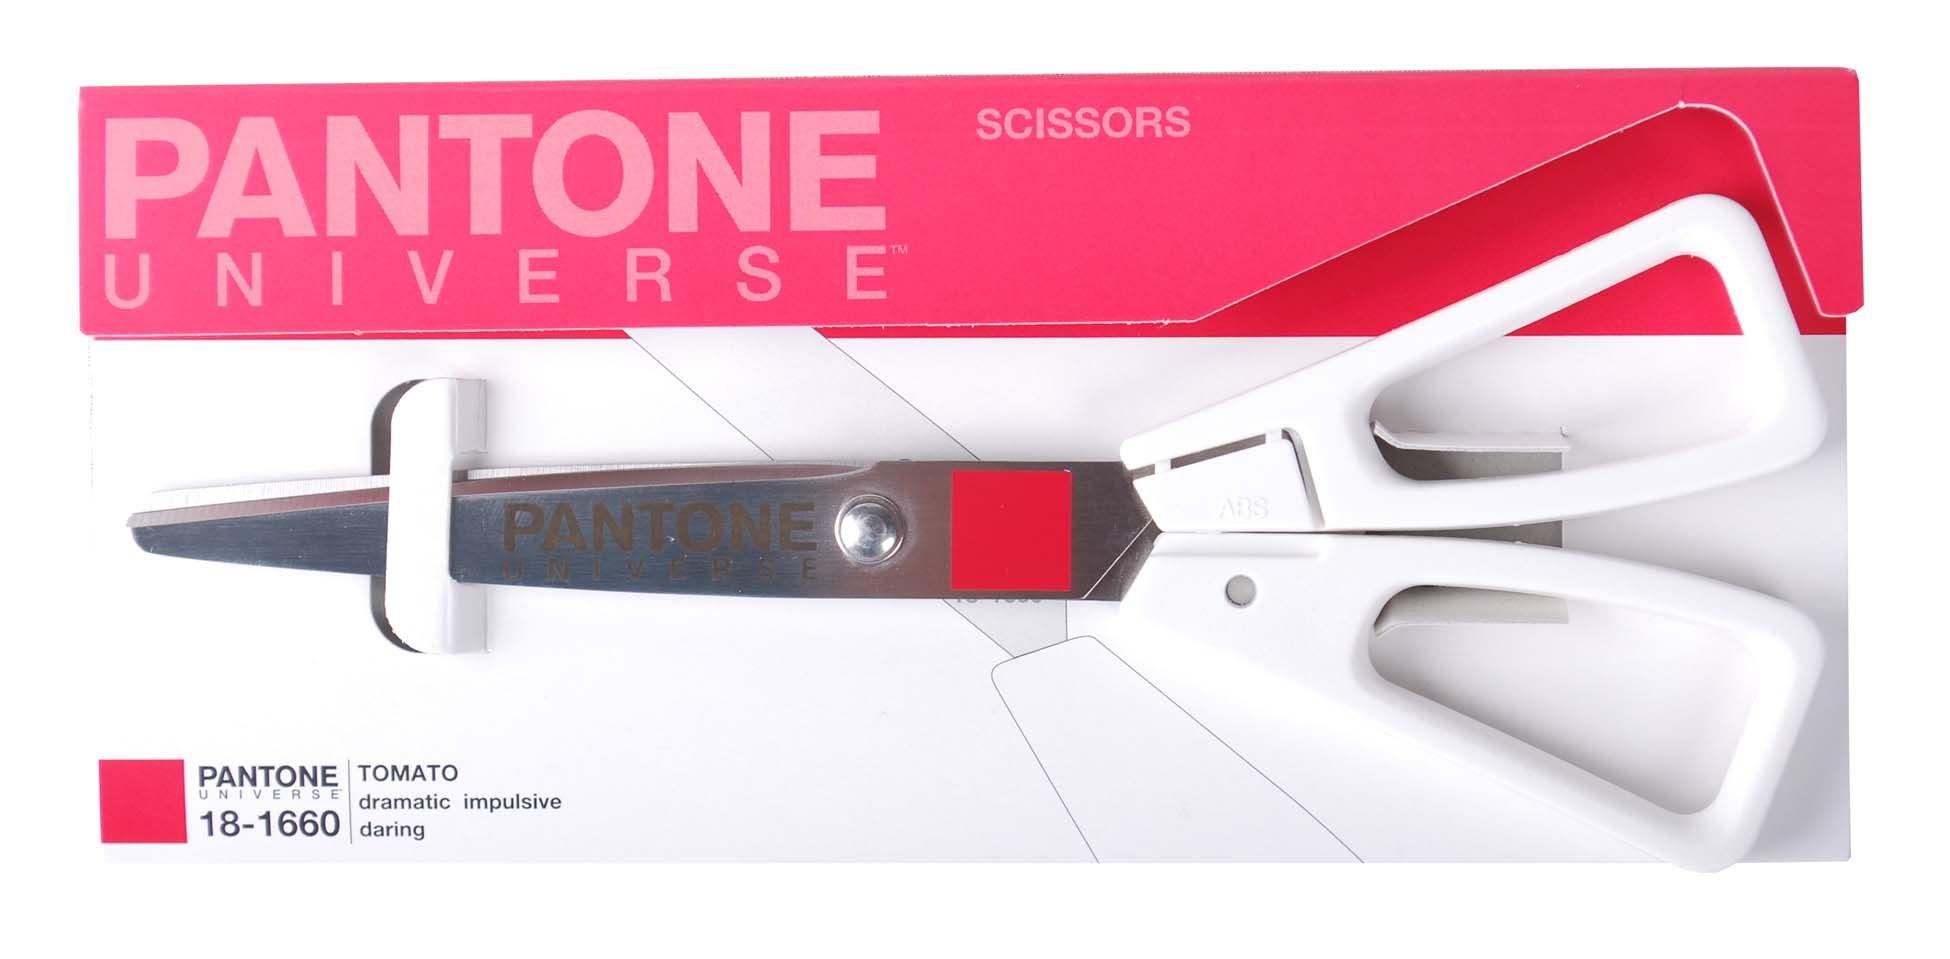 Pantone Universe Scissors, 6.75 Inches, Tomato...